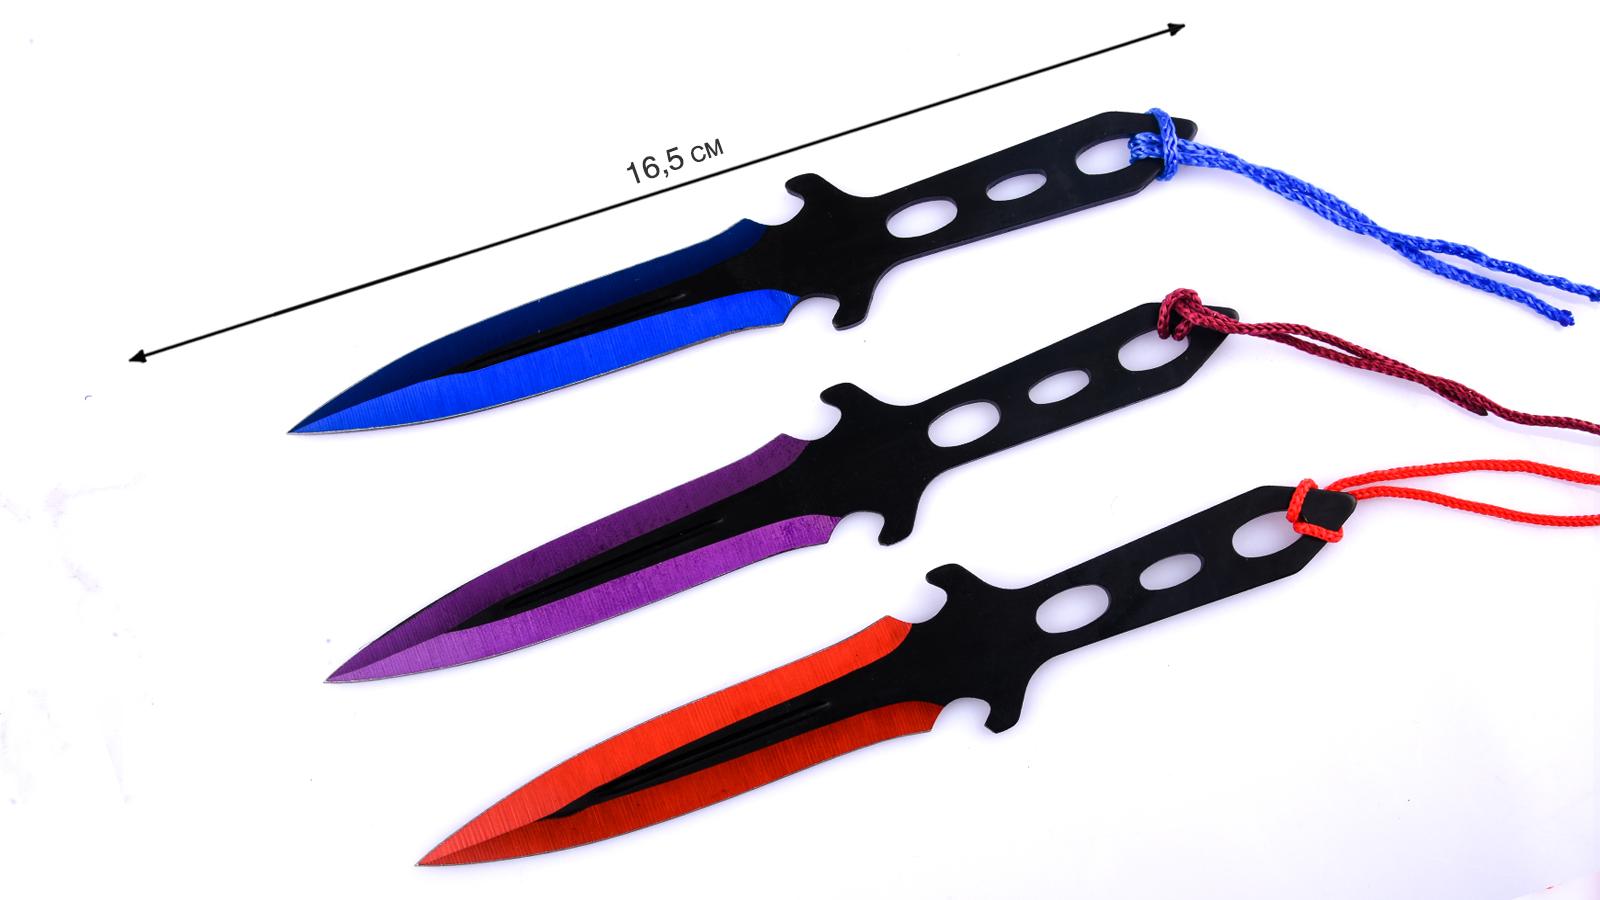 Ножи метательные Pirat по выгодной цене